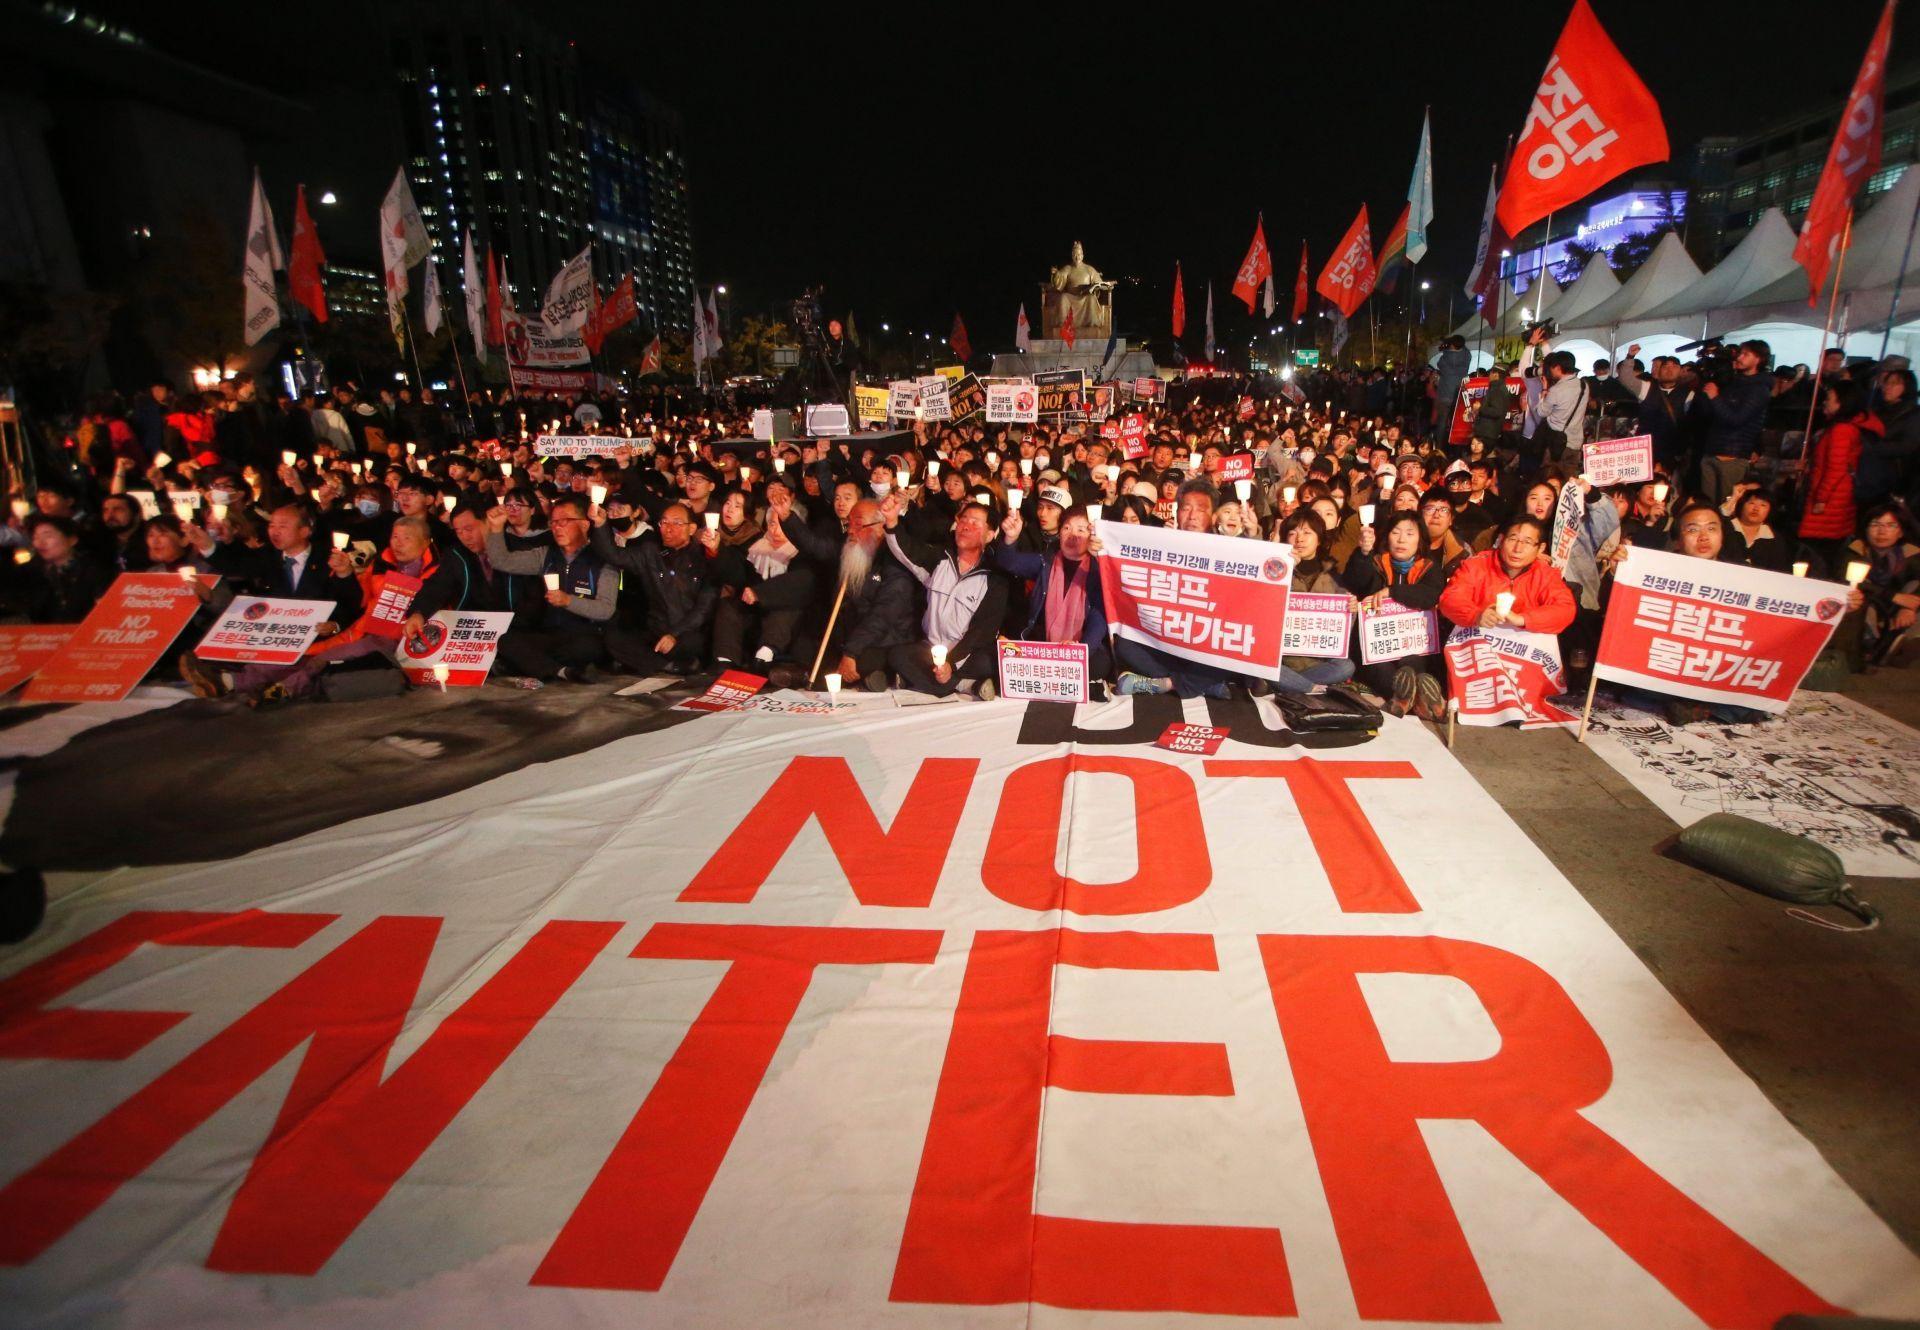 Manifestantes protestan en contra de la visita del presidente de los Estados Unidos, Donald Trump, en Seúl (Corea del Sur) hoy, 7 de noviembre de 2017.